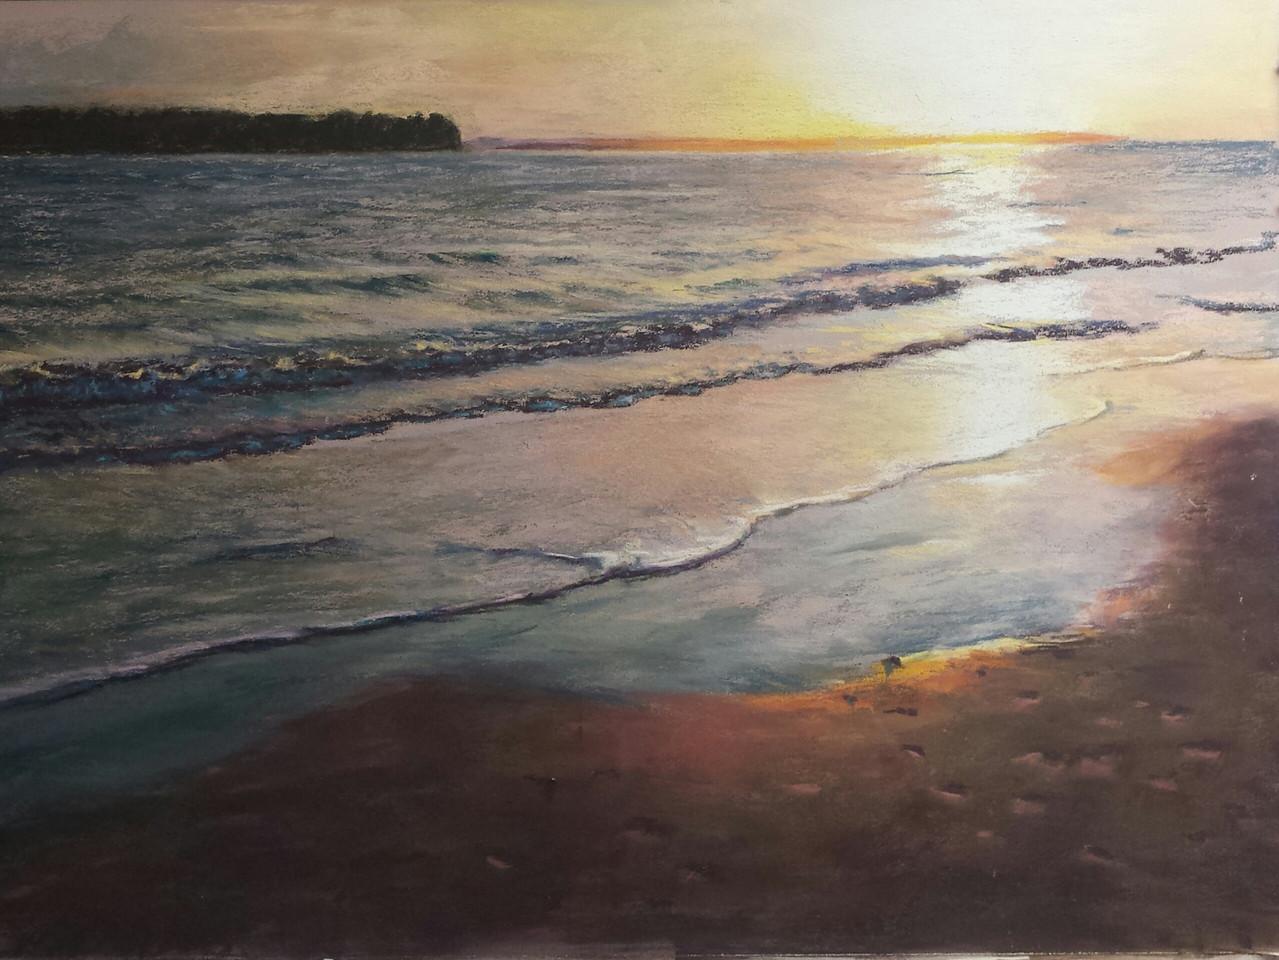 Sunset on the North Edisto pastel